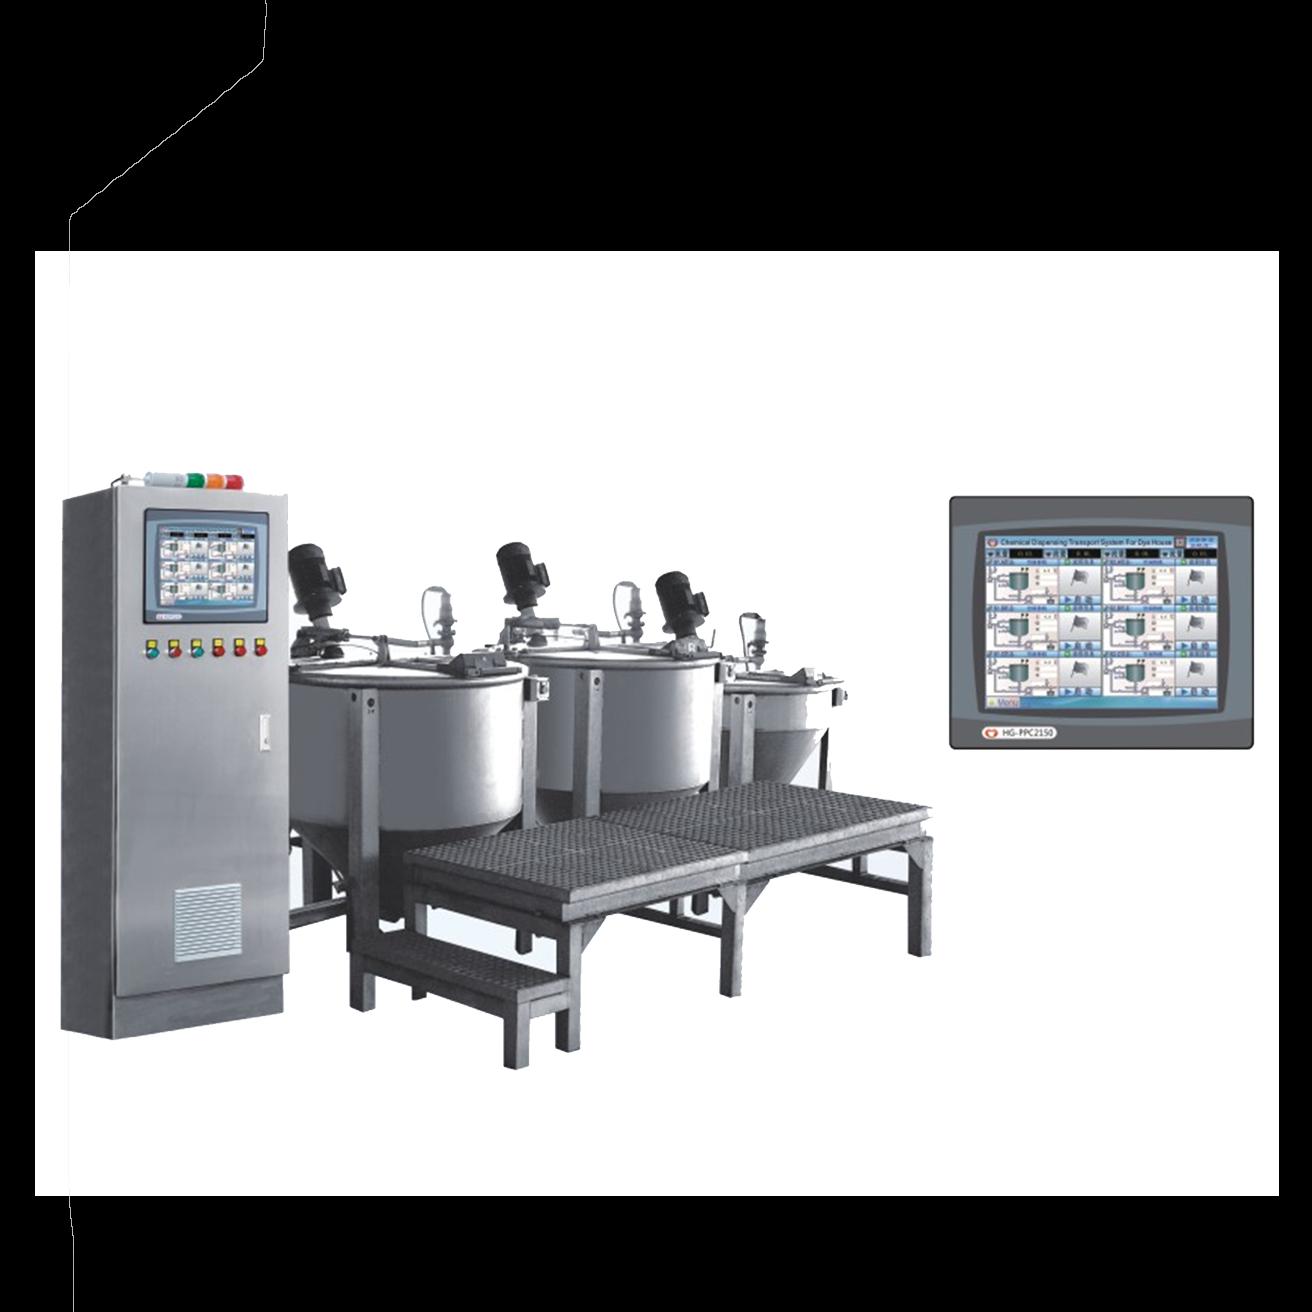 染料助剂自动配料输送系统